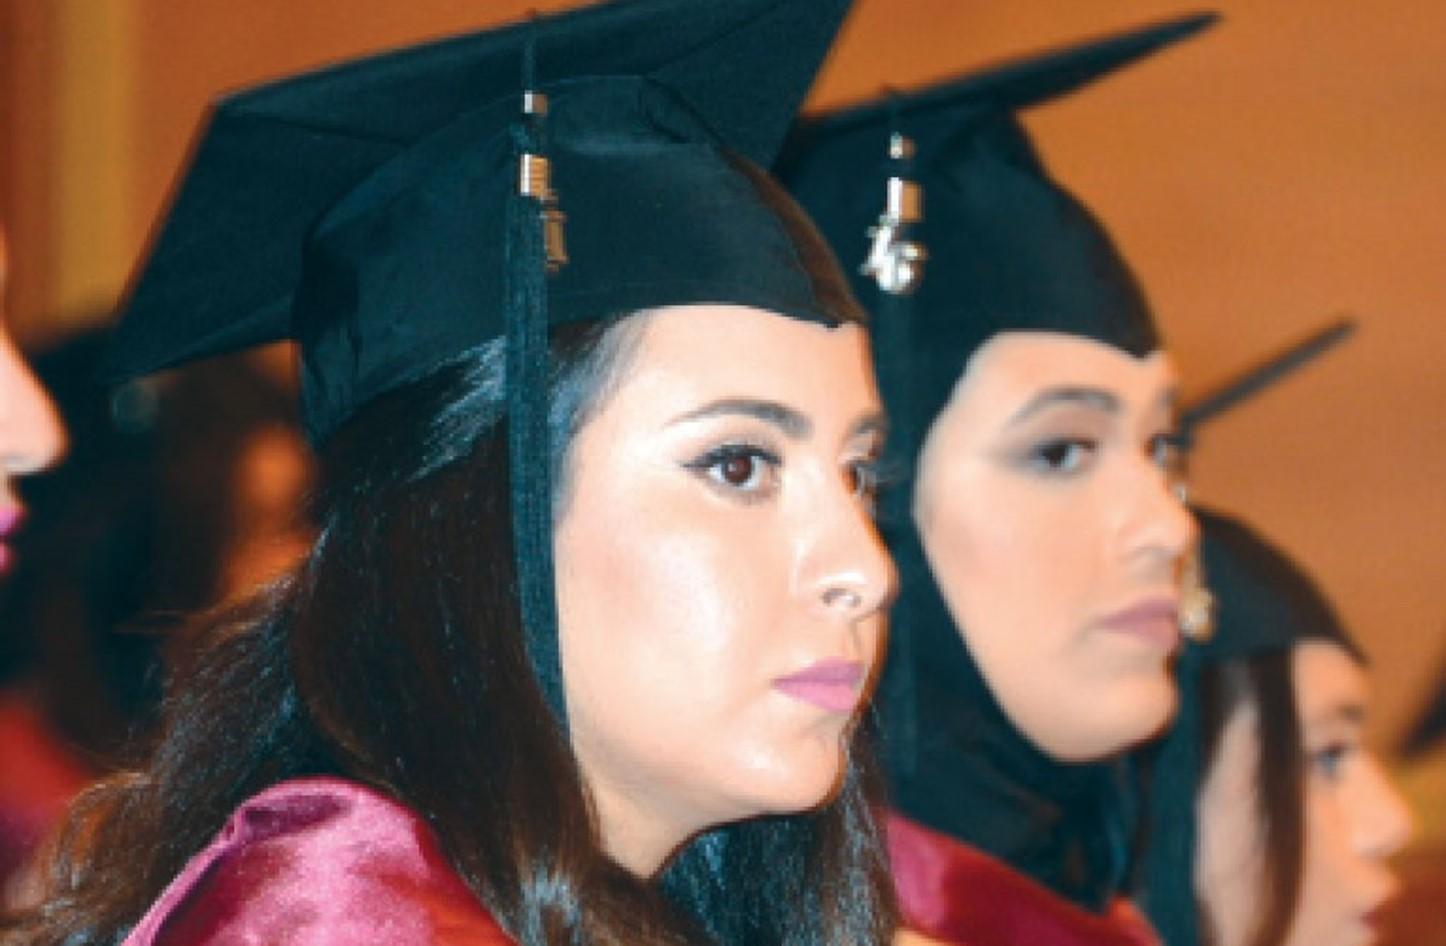 صورة بنات الجامعة , صور فتايات جامعيات